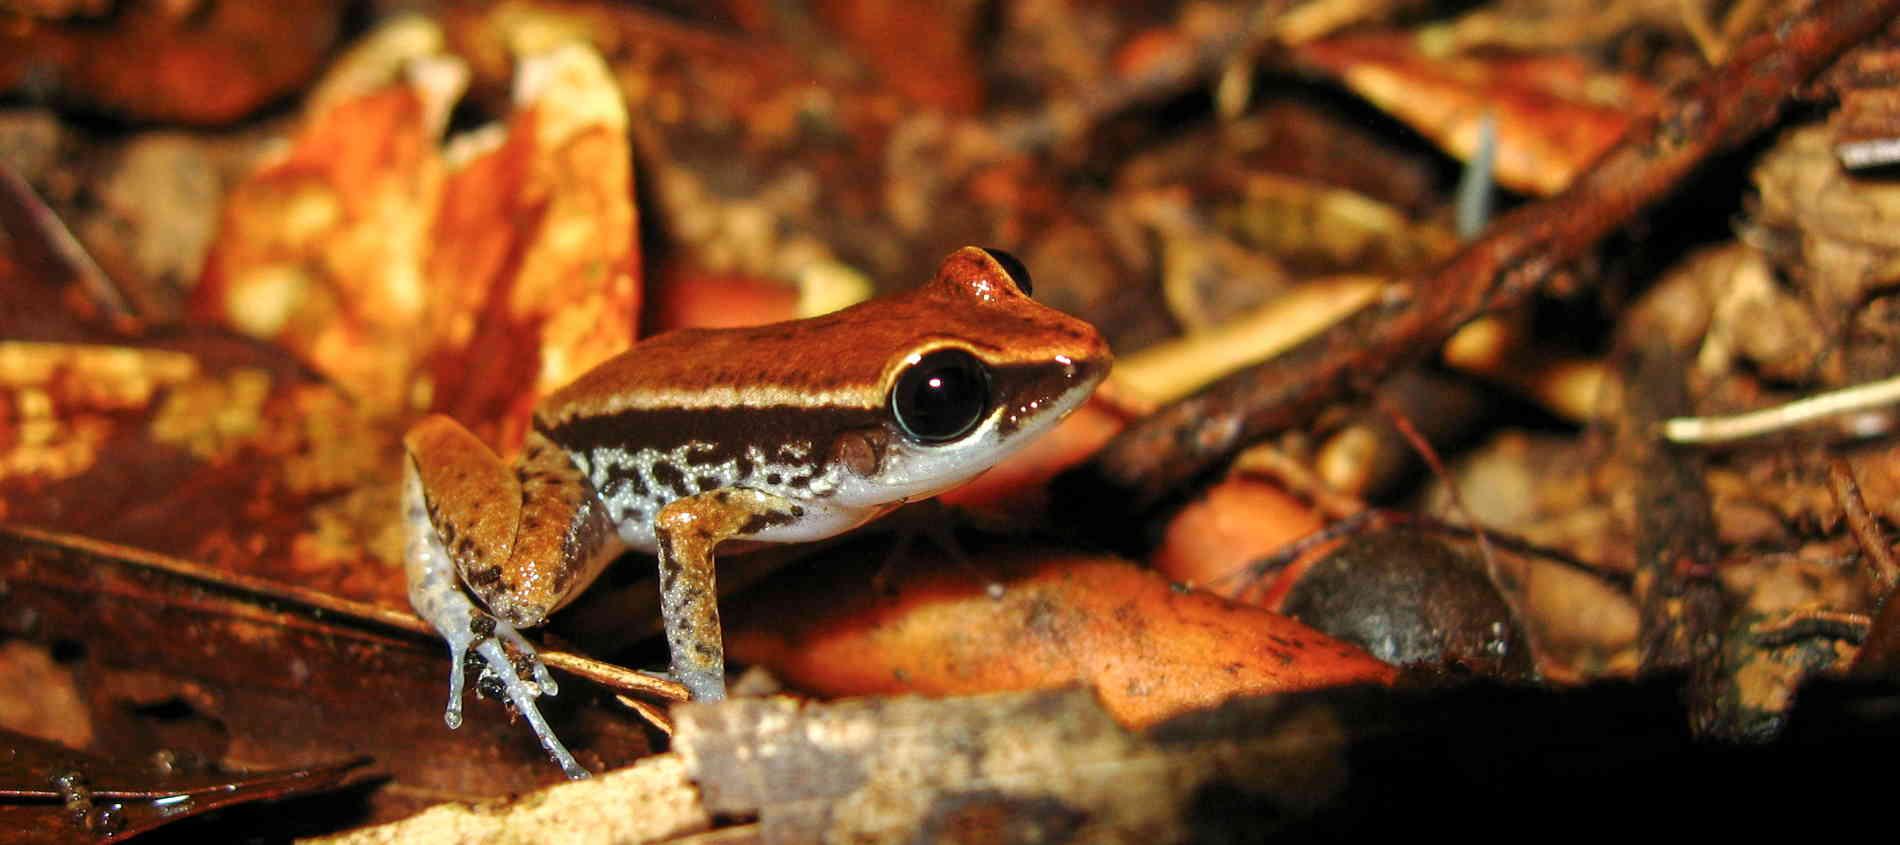 Caoba-Eleutherodactylus-richmondi2-Amphibians